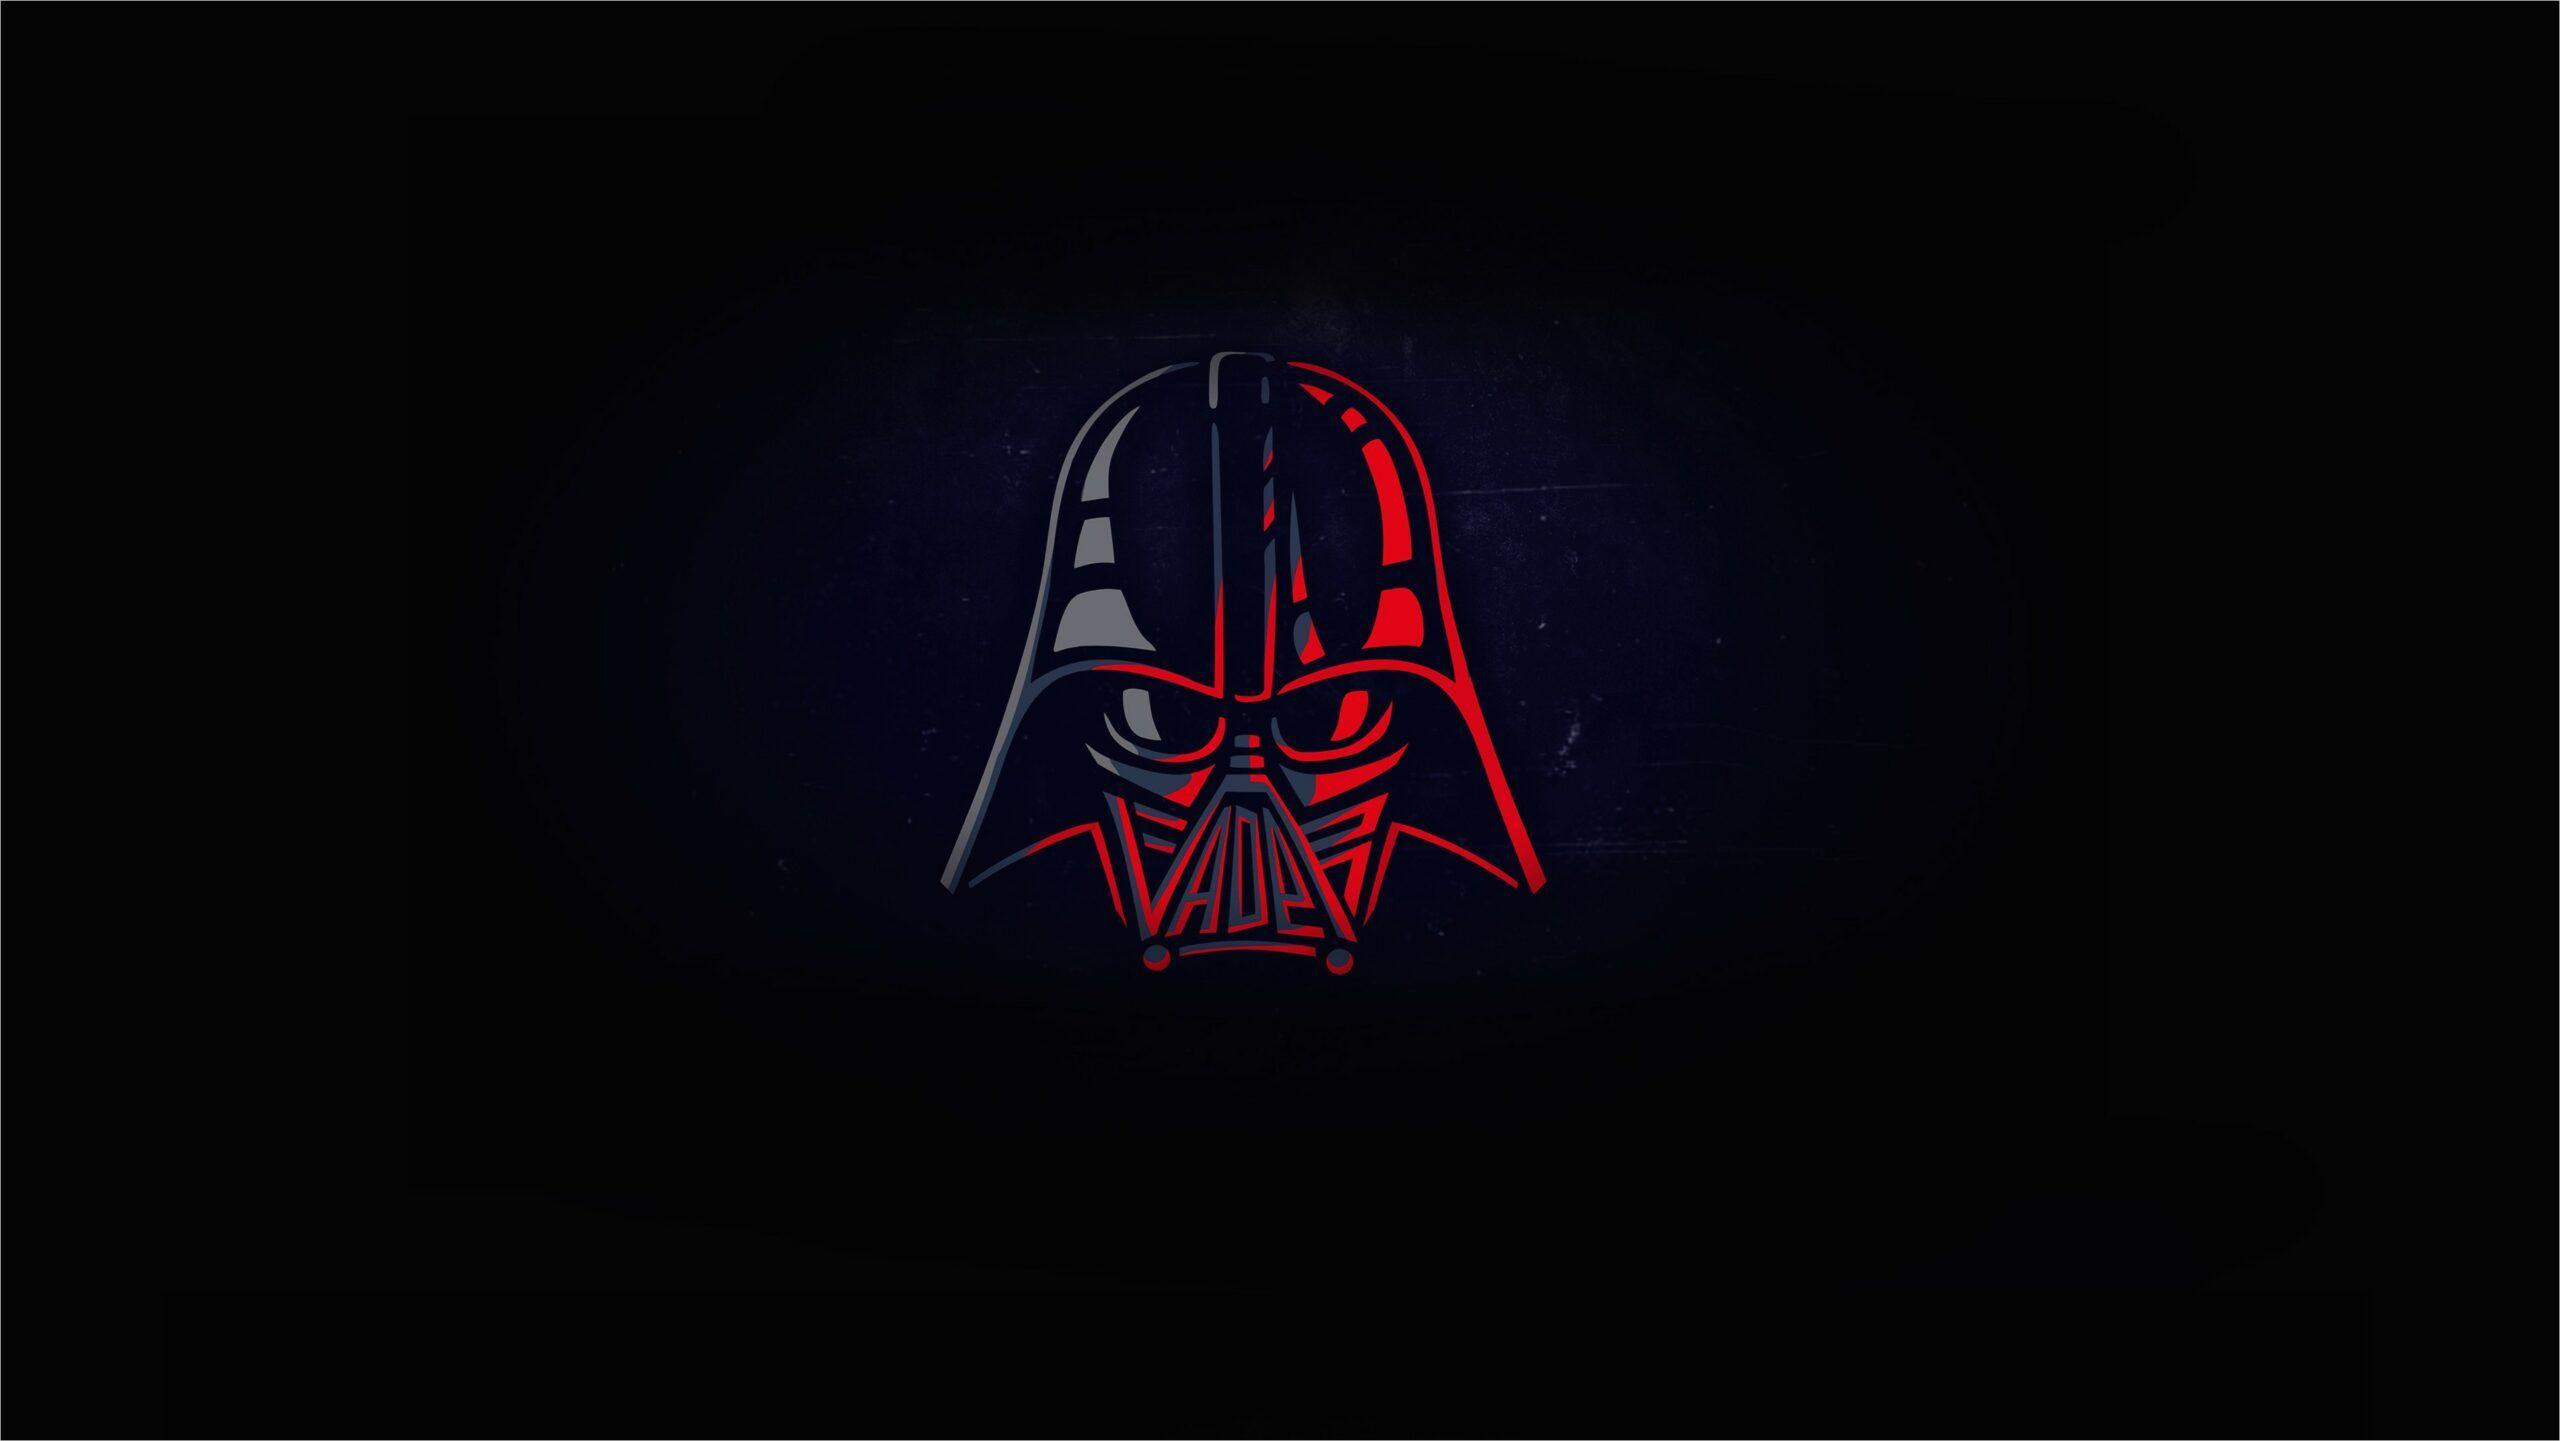 4k Darth Vader Wallpaper In 2020 Darth Vader Wallpaper Star Wars Wallpaper Star Wars Background